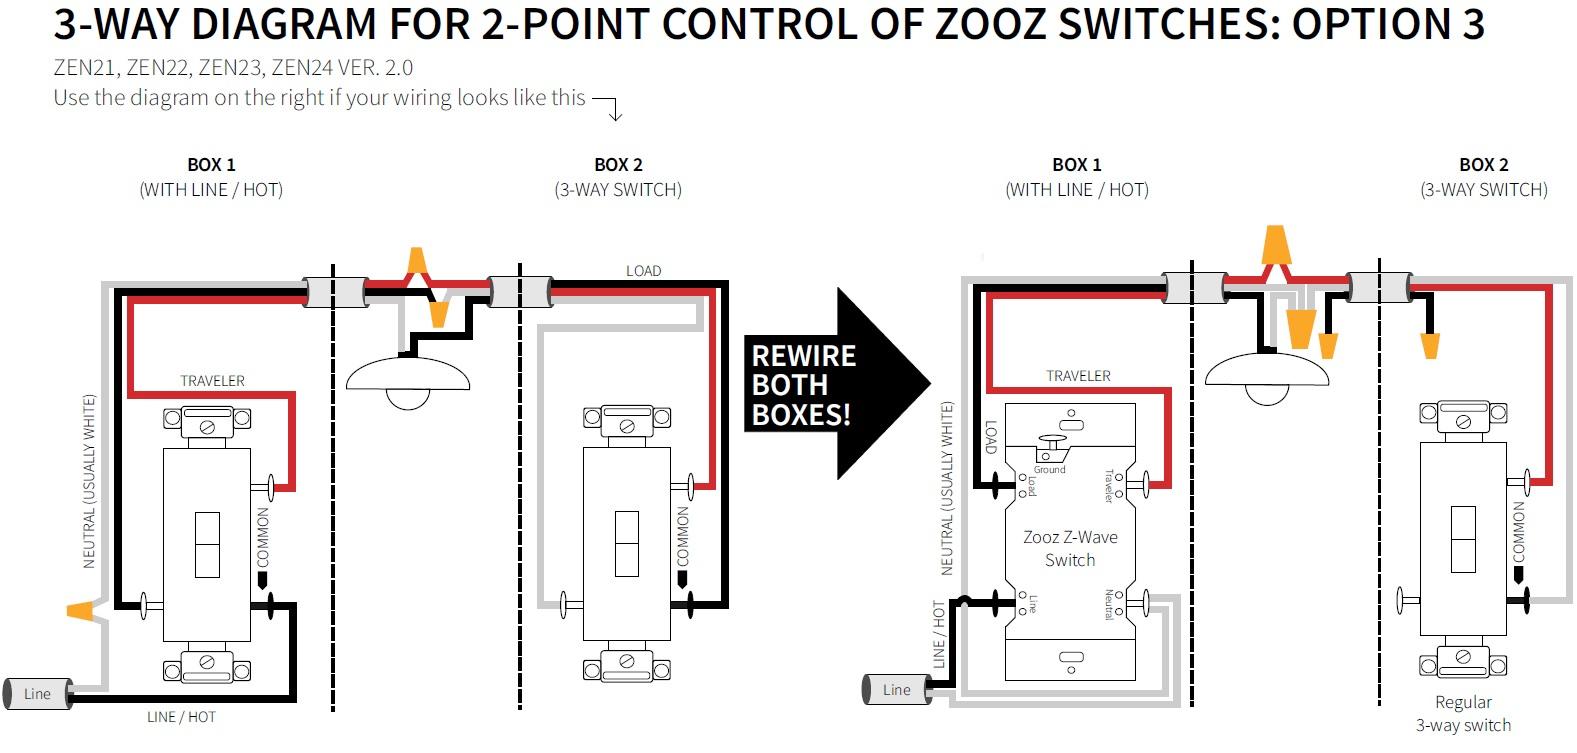 3-Way Diagrams For Zen21, Zen22, Zen23, And Zen24 Ver. 2.0 Switches - Three Way Wiring Diagram